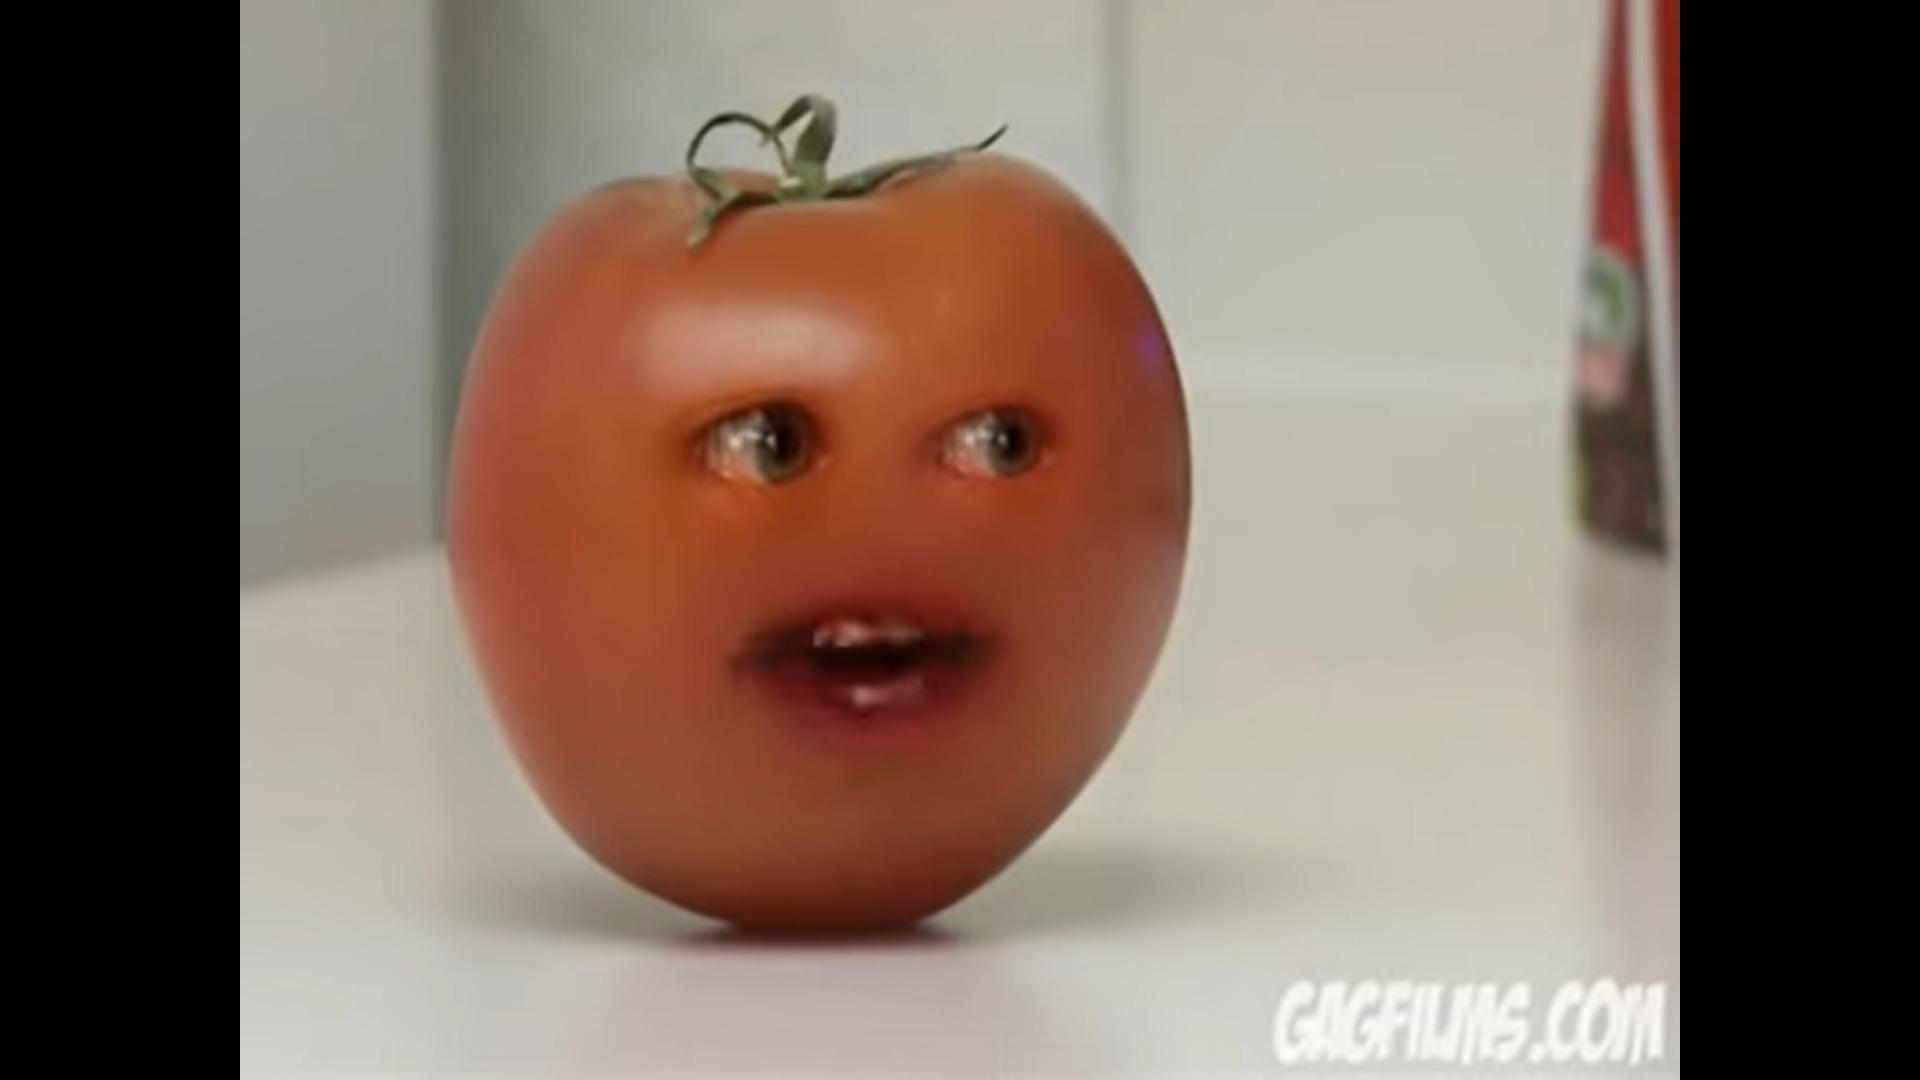 フォートナイト公式、アップルを腐ったリンゴとおちょくるw